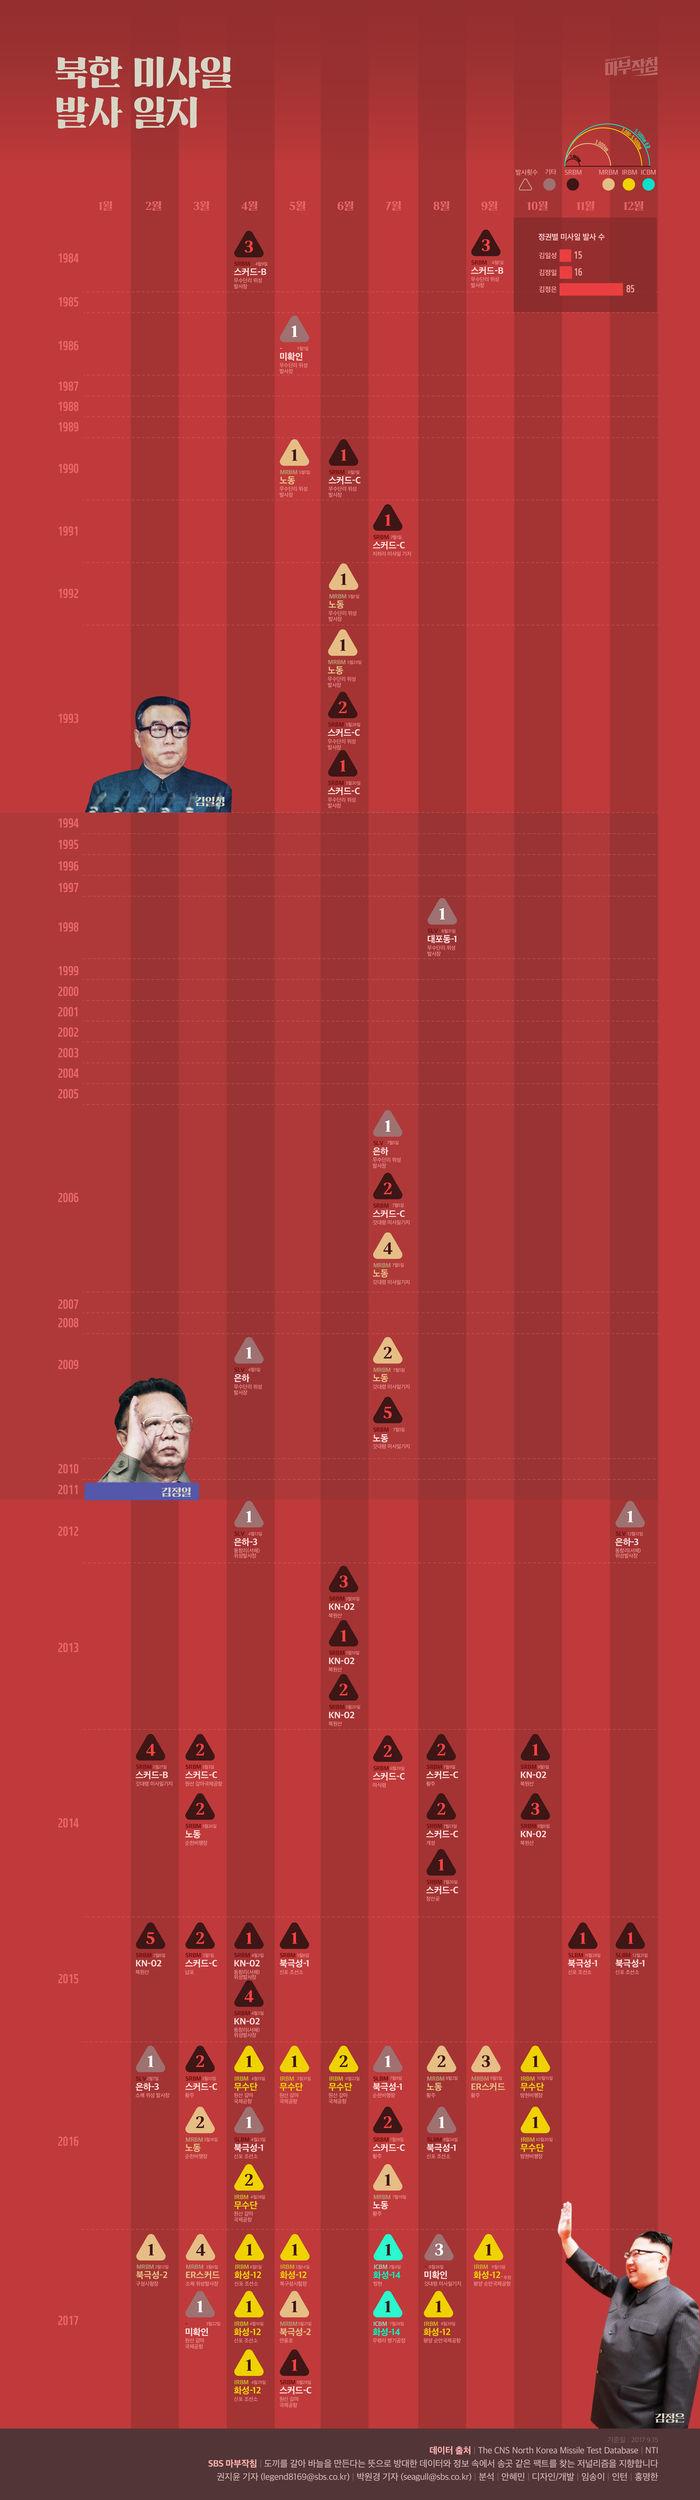 [마부작침] 북한 미사일 발사 일지